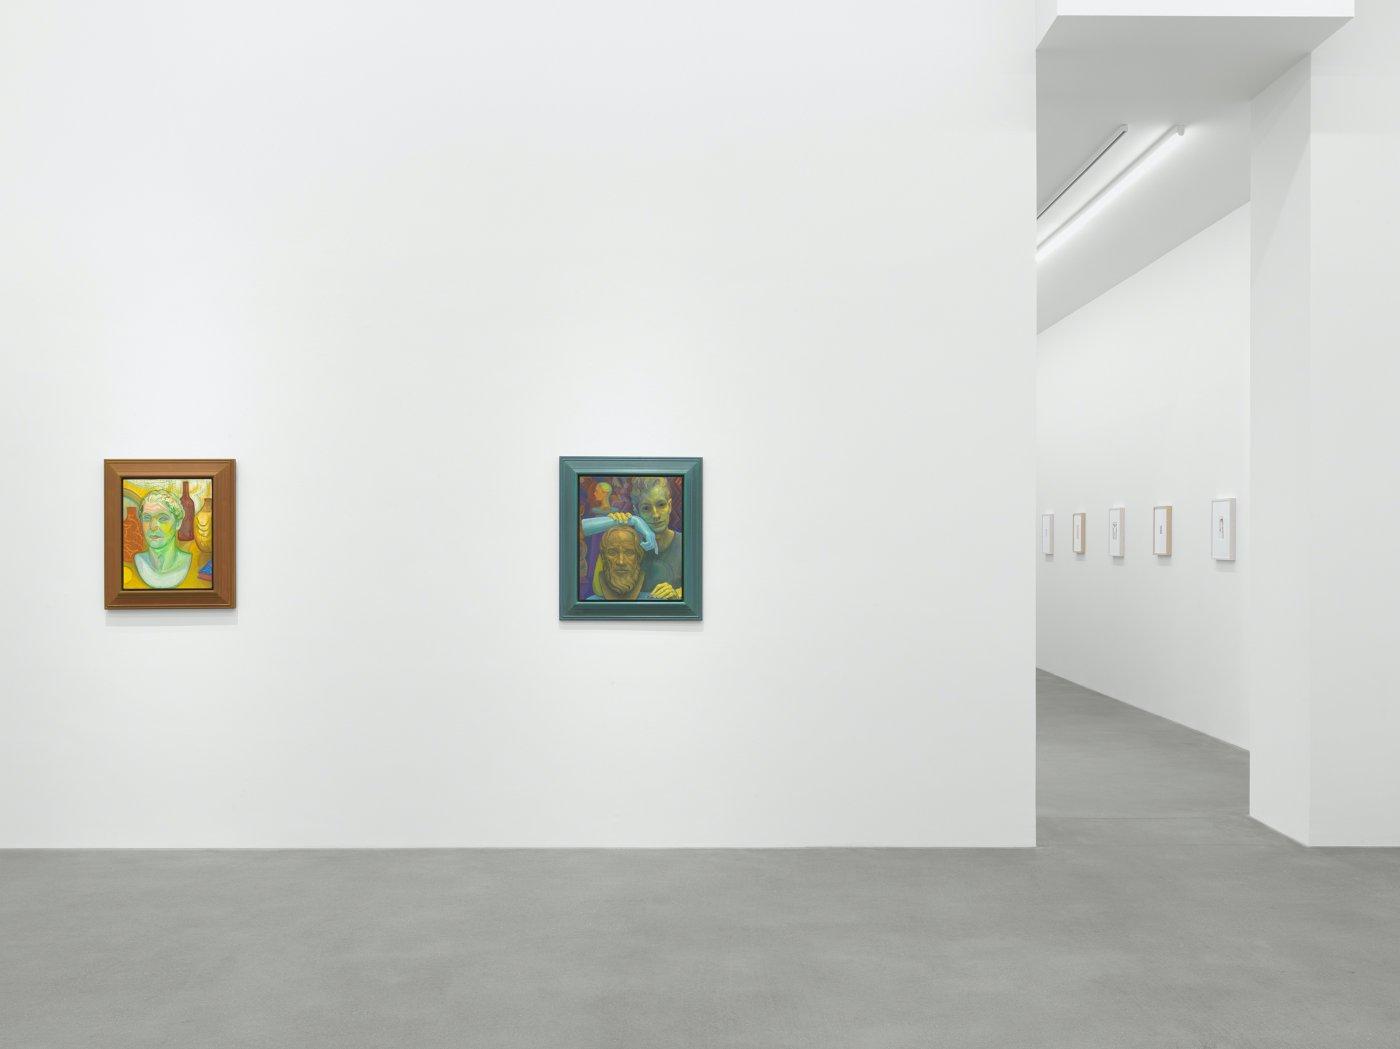 Galerie Eva Presenhuber Waldmannstrasse Steven Shearer 9